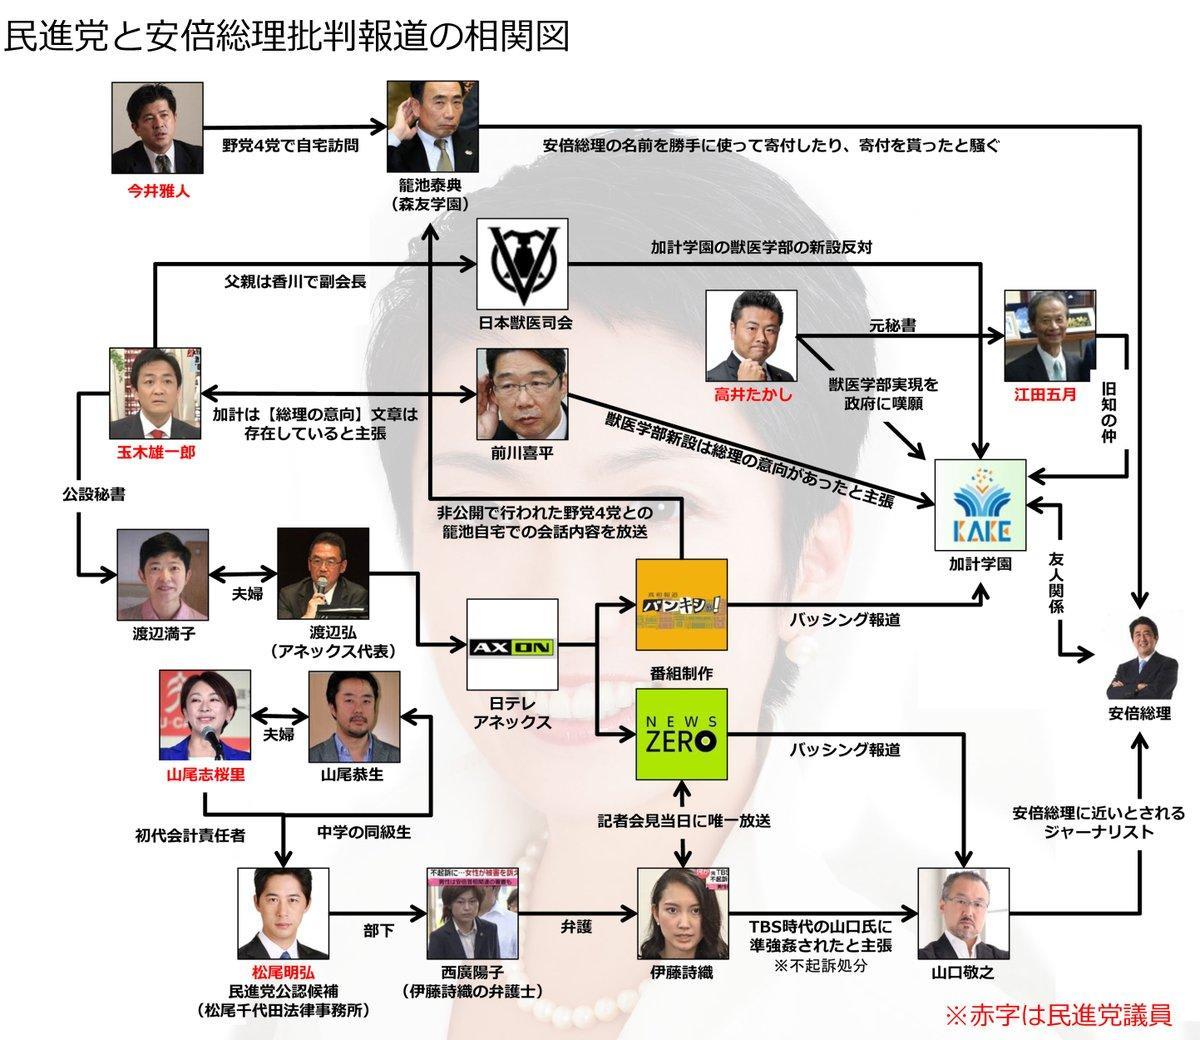 平成27年の暴力団情勢 -